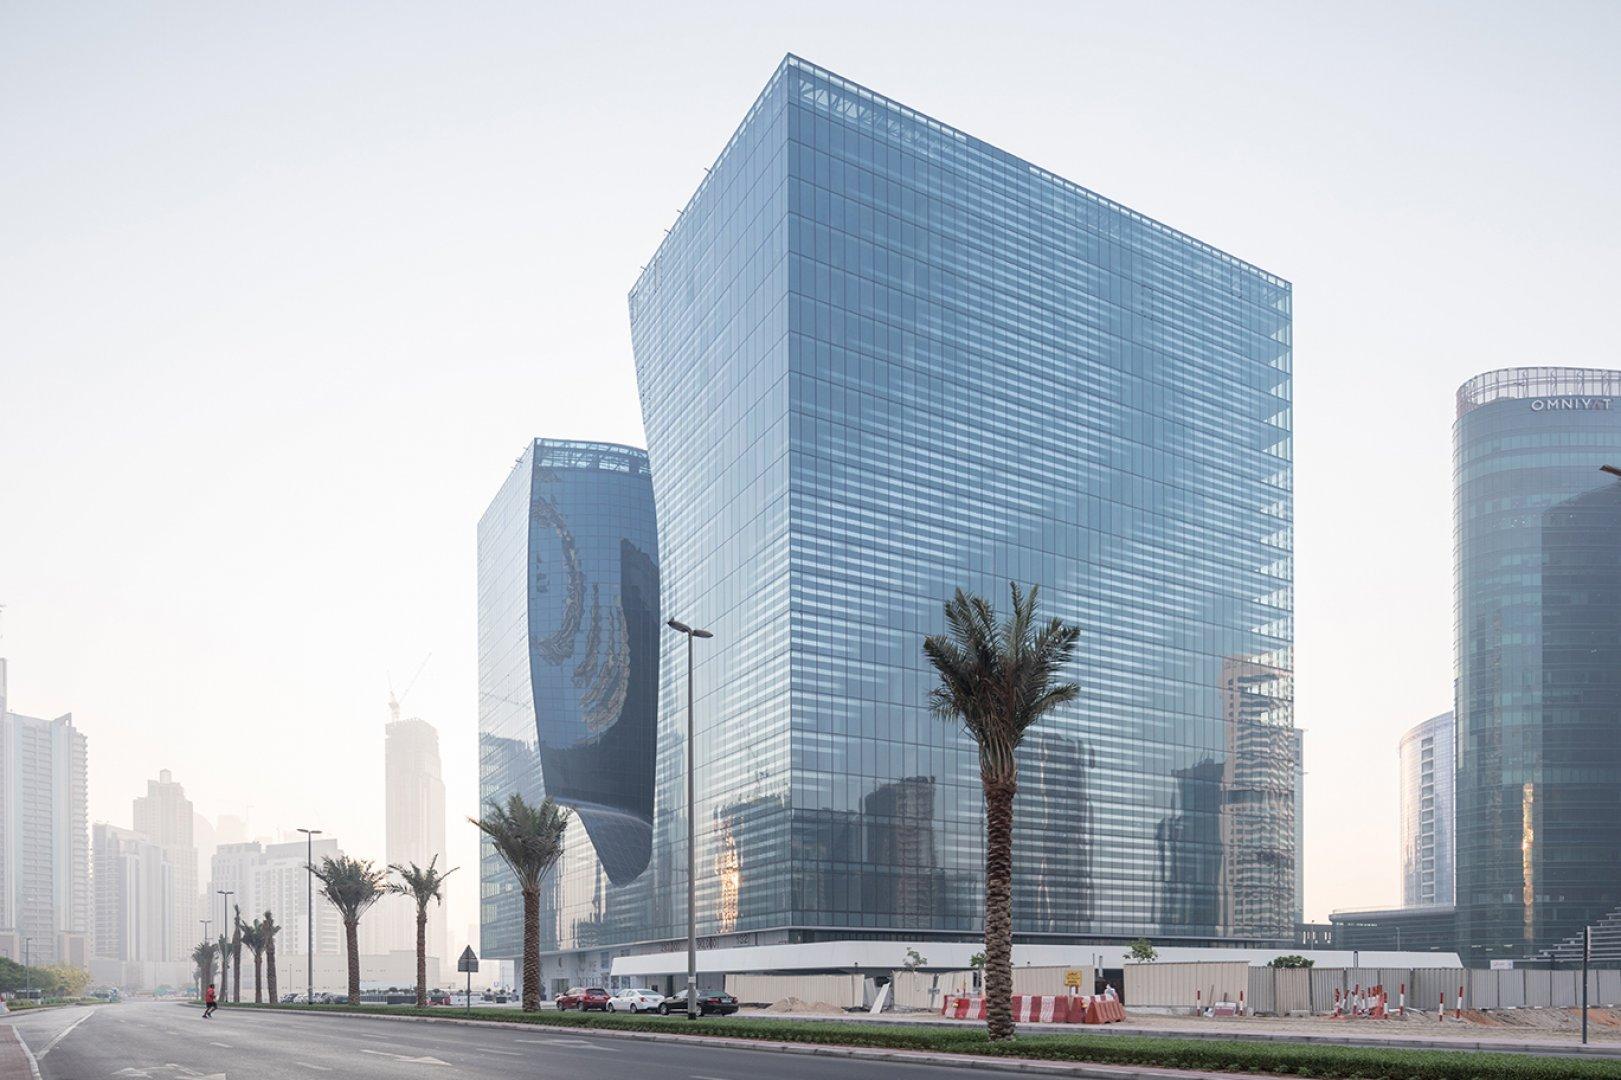 Opus: le immagini dell'avveniristico palazzo di Zaha Hadid